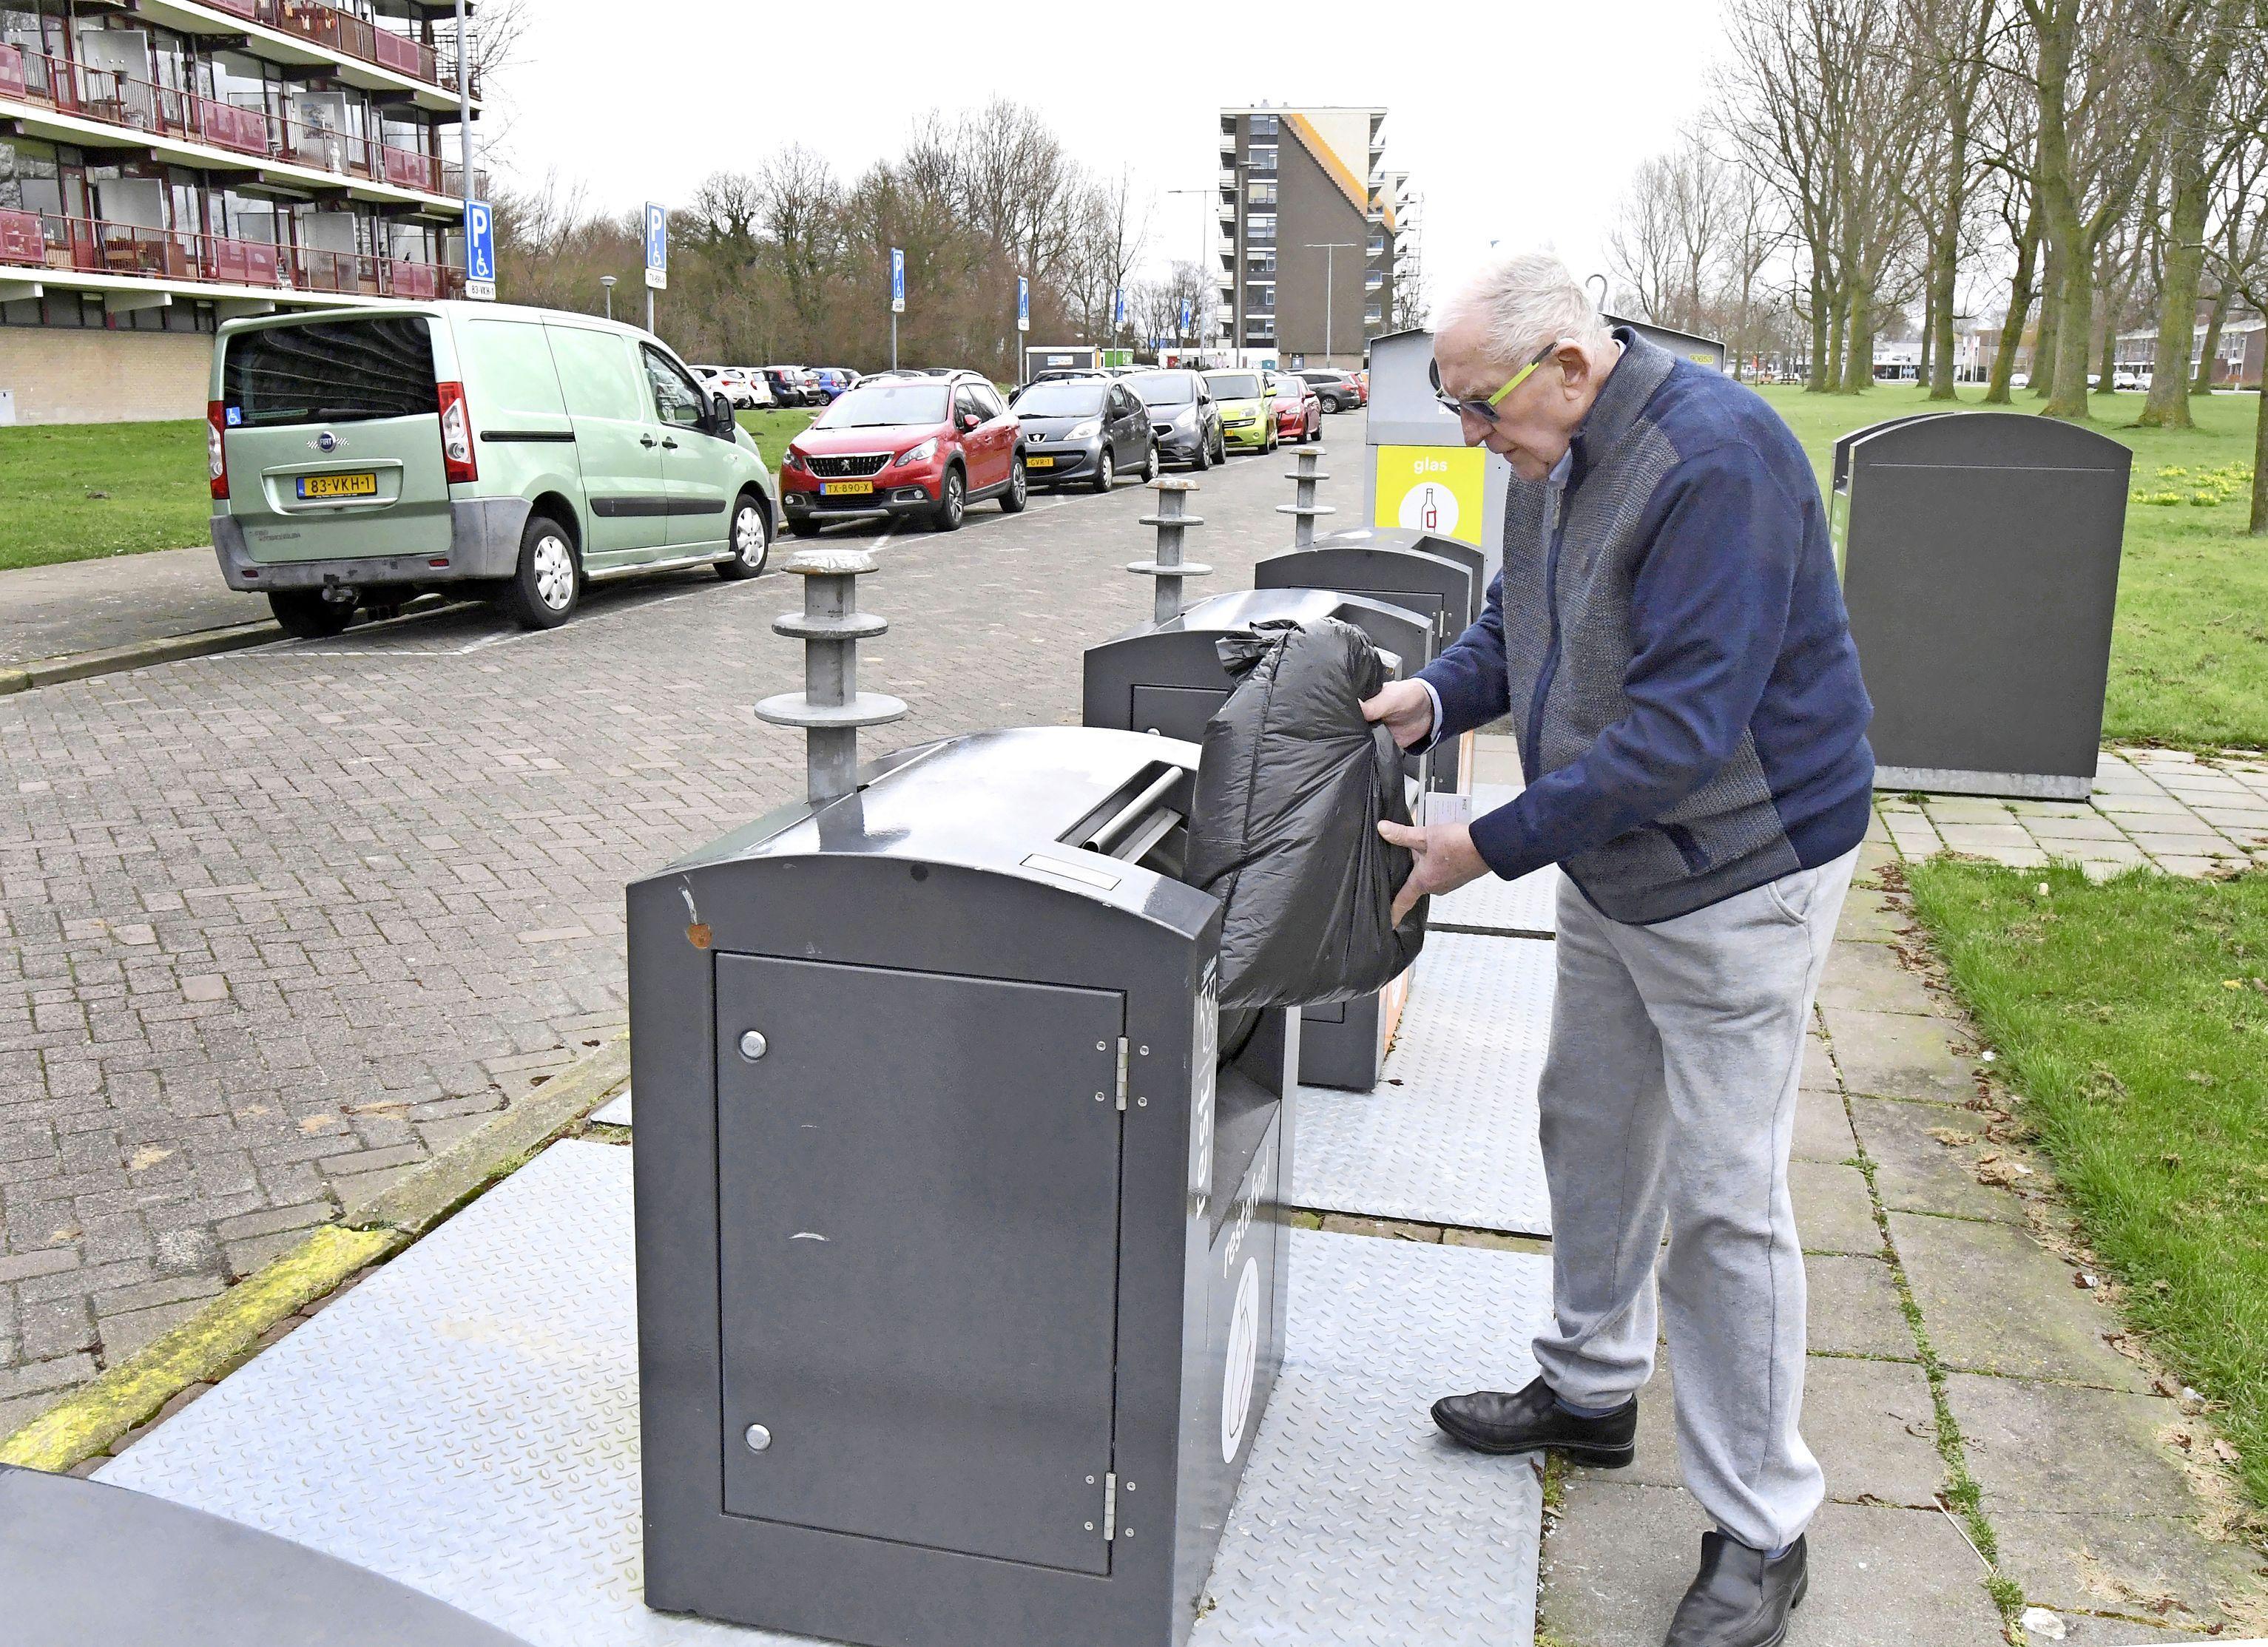 Elke keer dat je jouw grijze afvalbak laat legen, voel je het in je portemonnee. In Hollands Kroon waarschijnlijk al vanaf 1 januari 2022